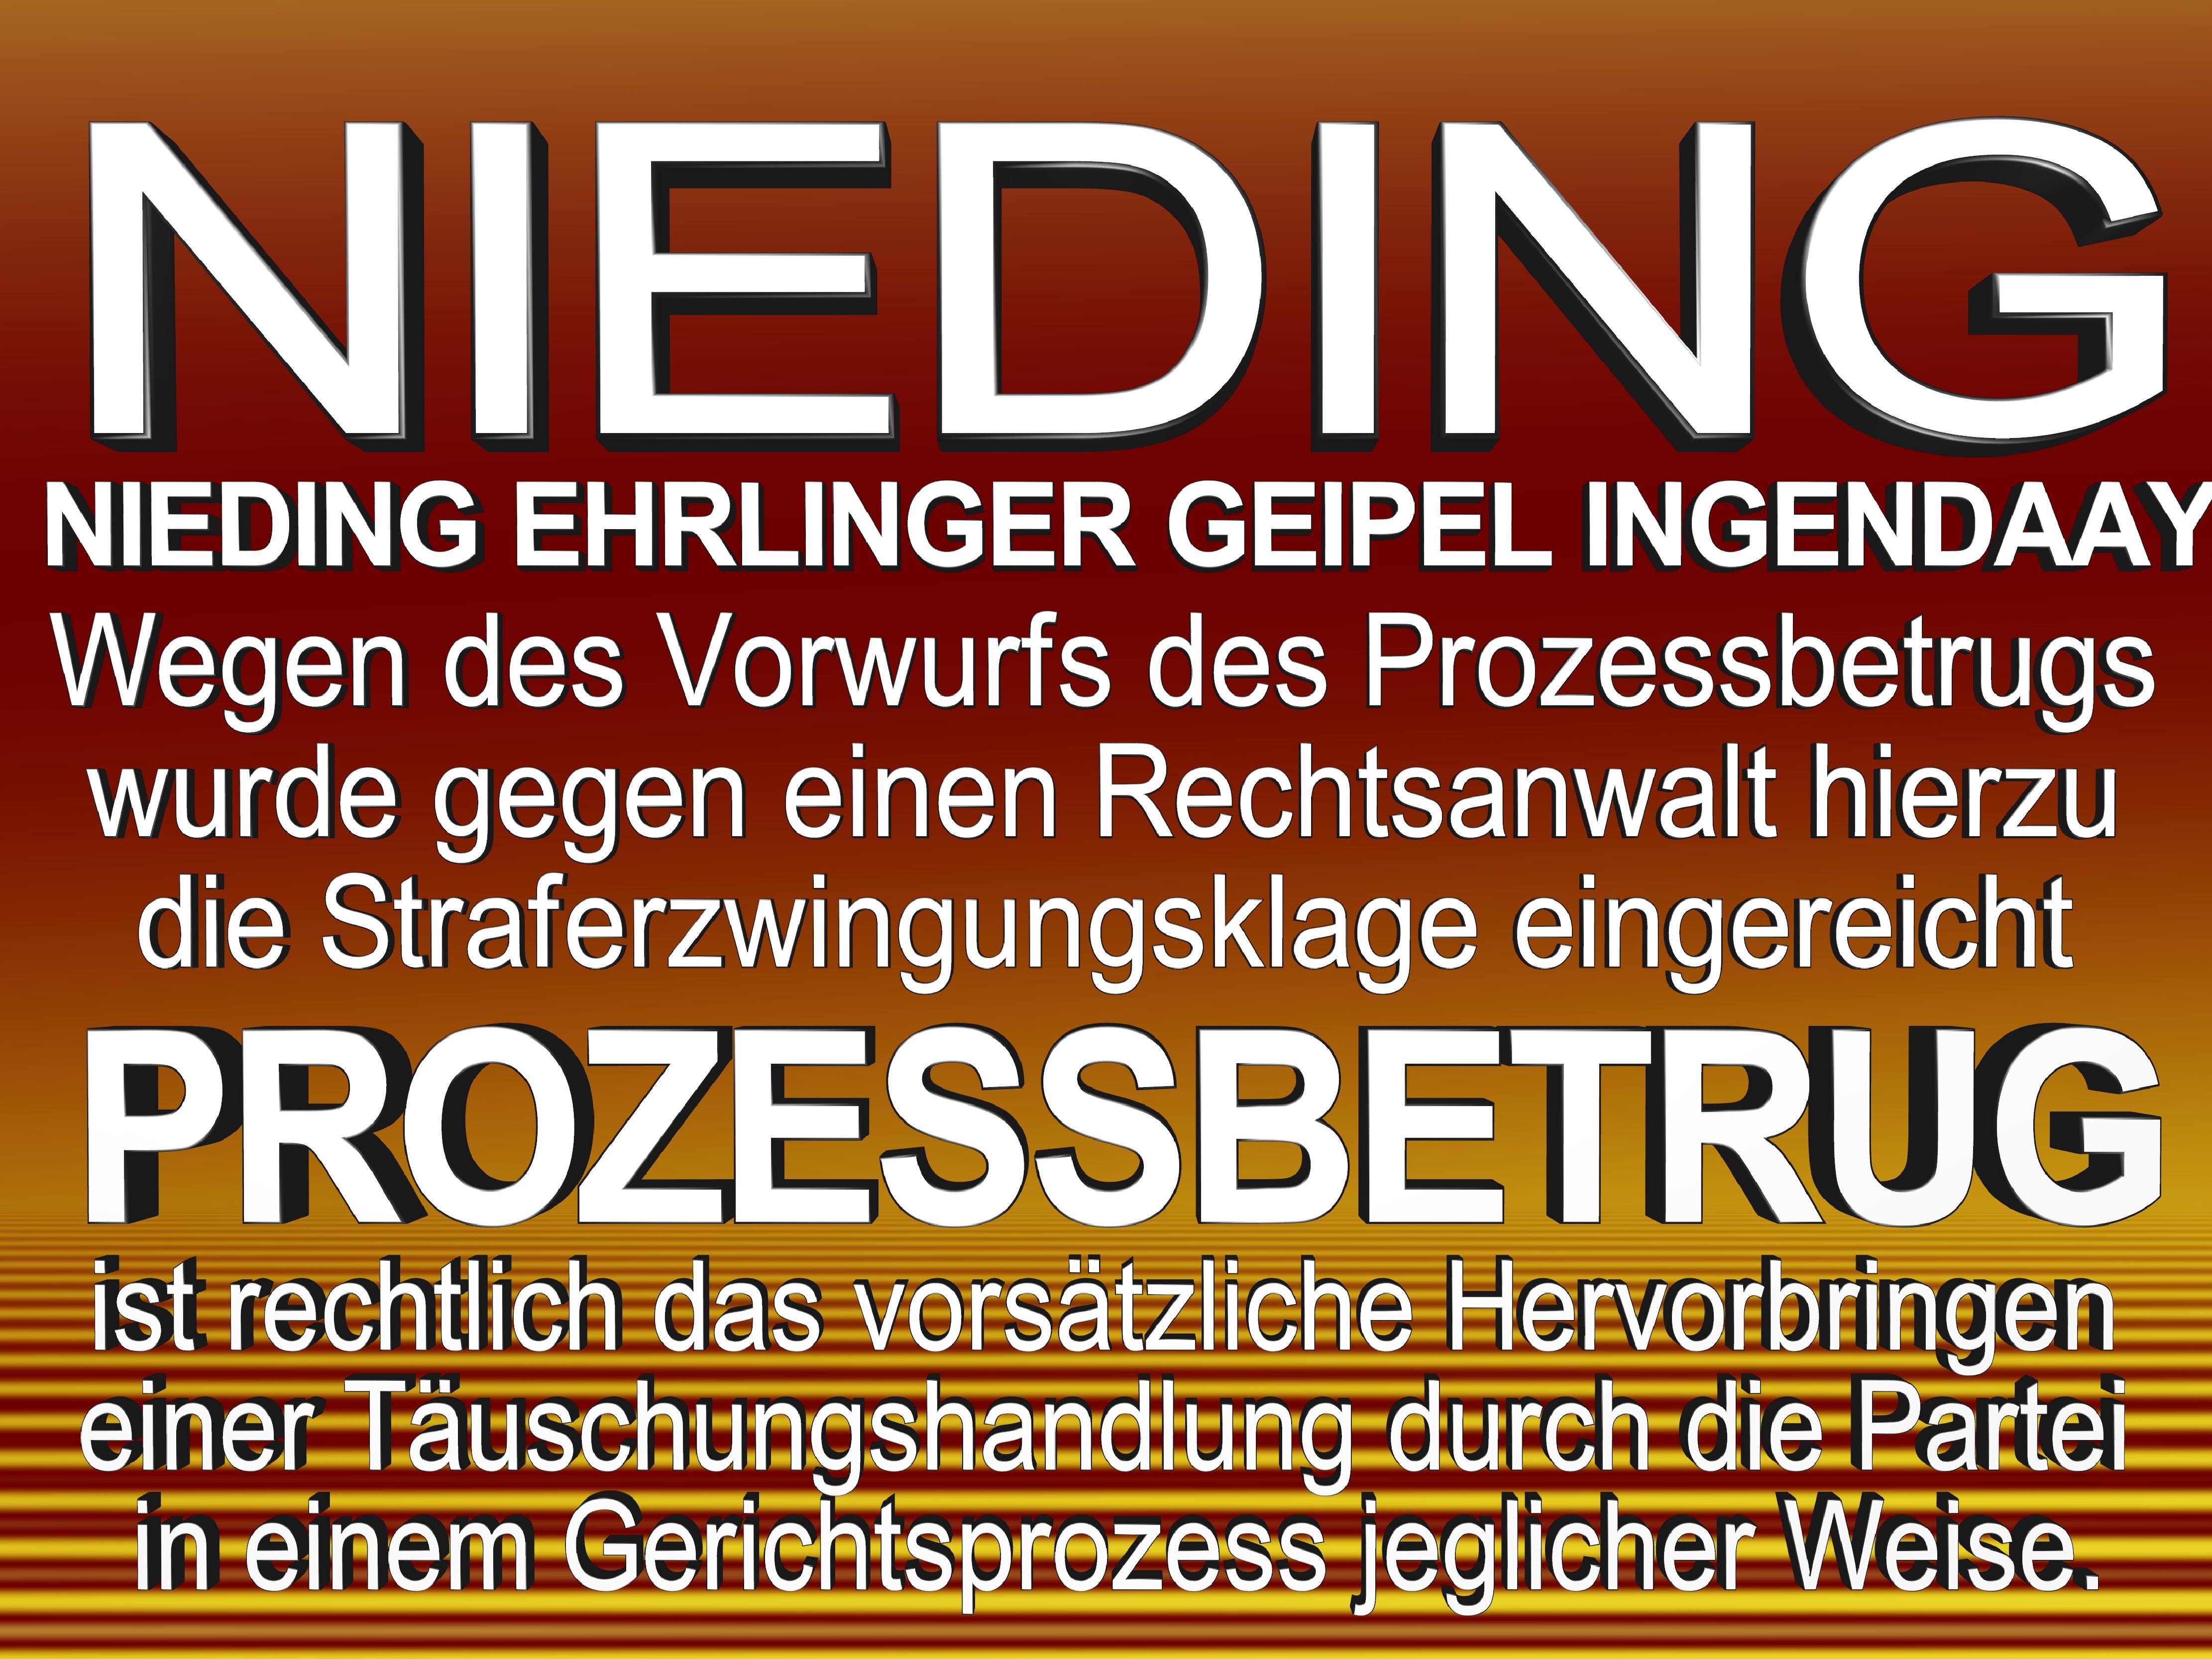 NIEDING EHRLINGER GEIPEL INGENDAAY LELKE Kurfürstendamm 66 Berlin (132)